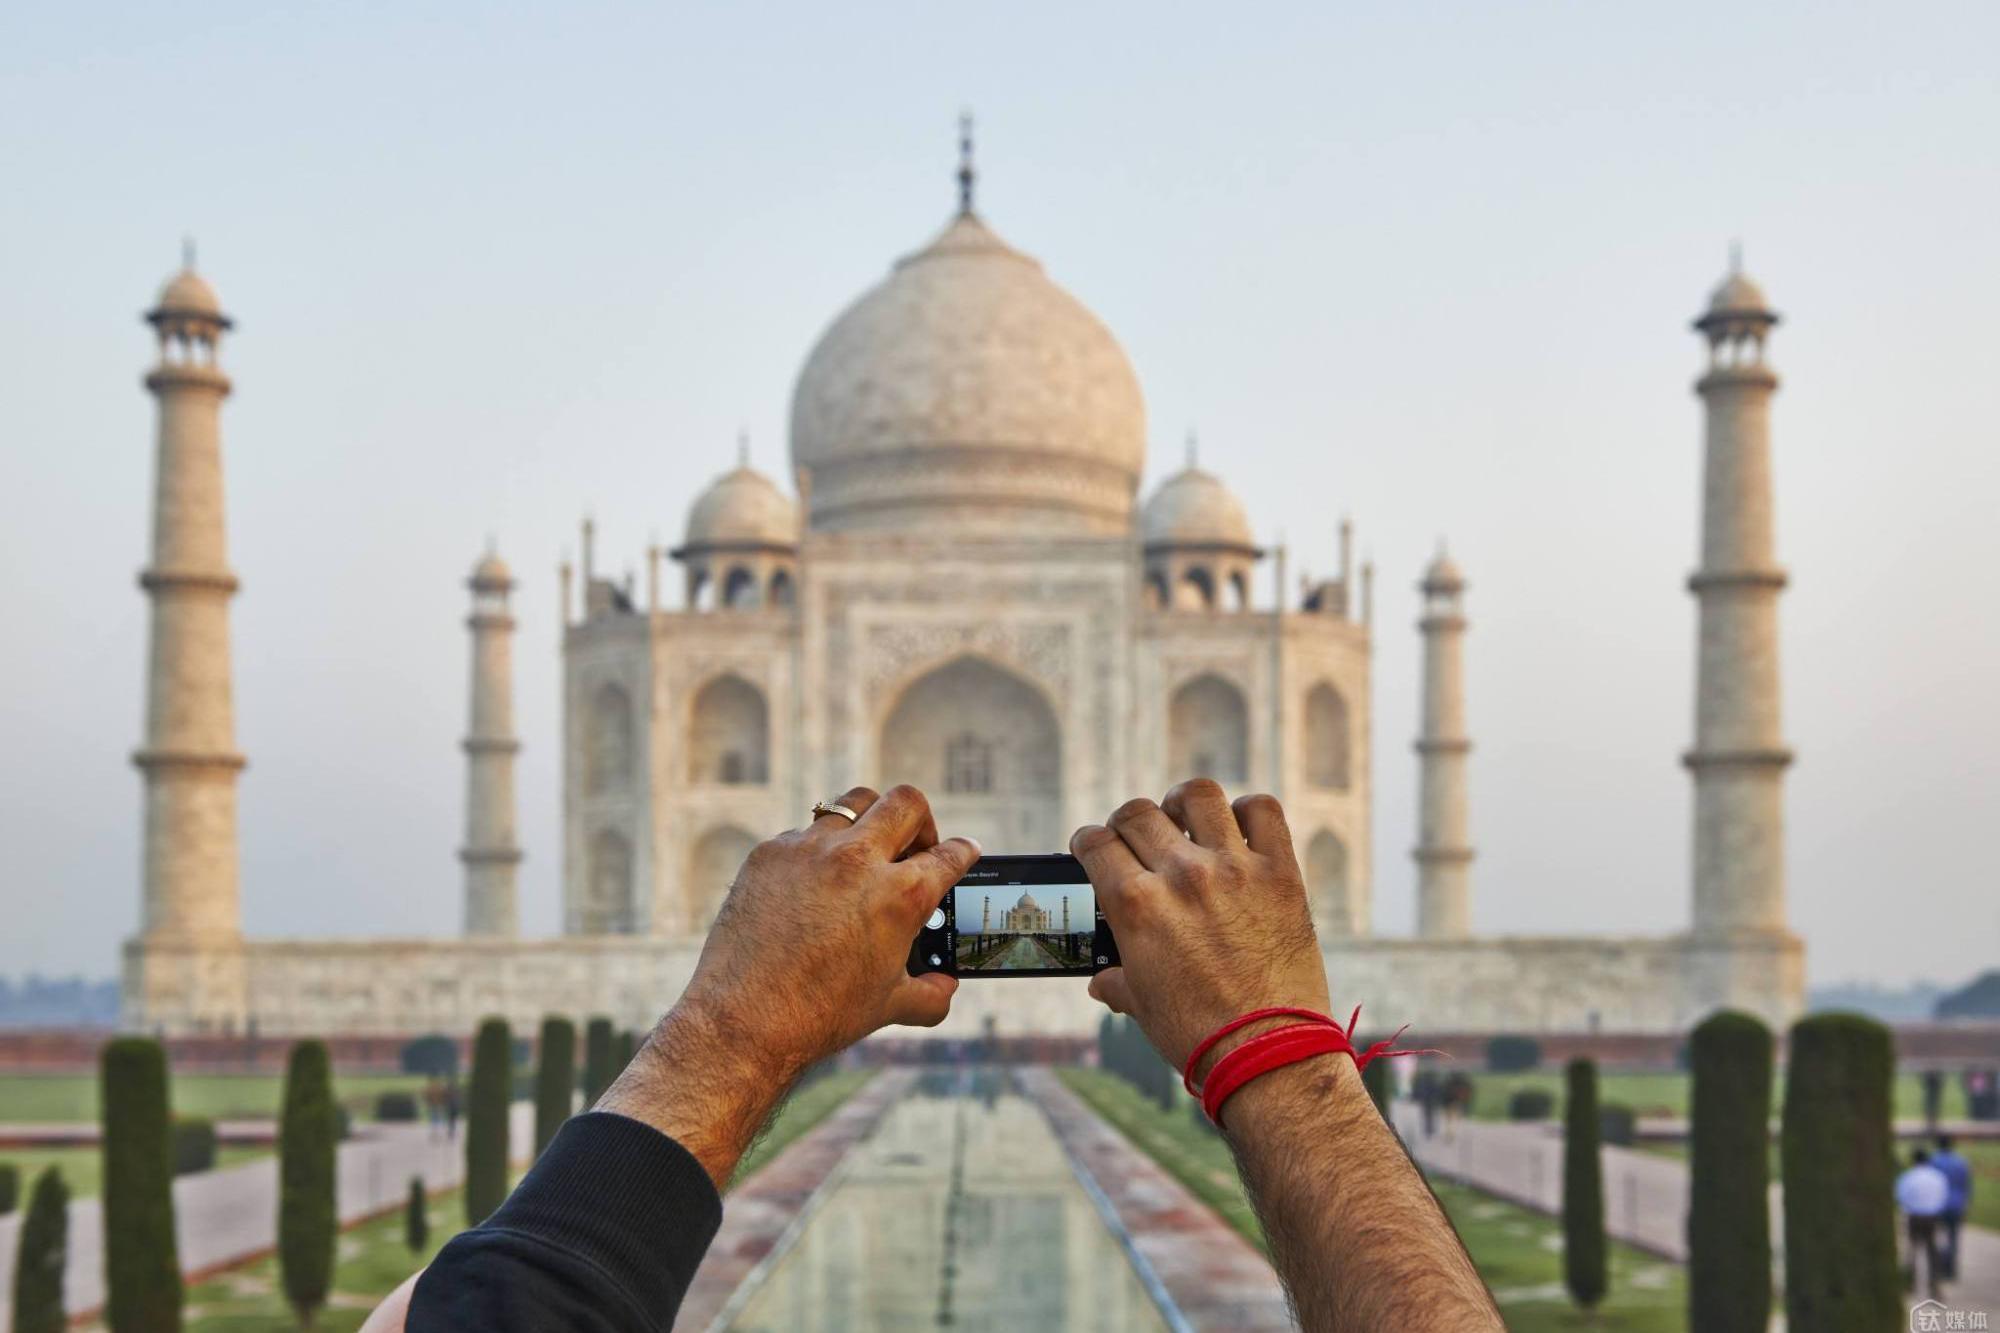 印度第二大智能手机:仅次于小米,中国又一个品牌成功挤下三星